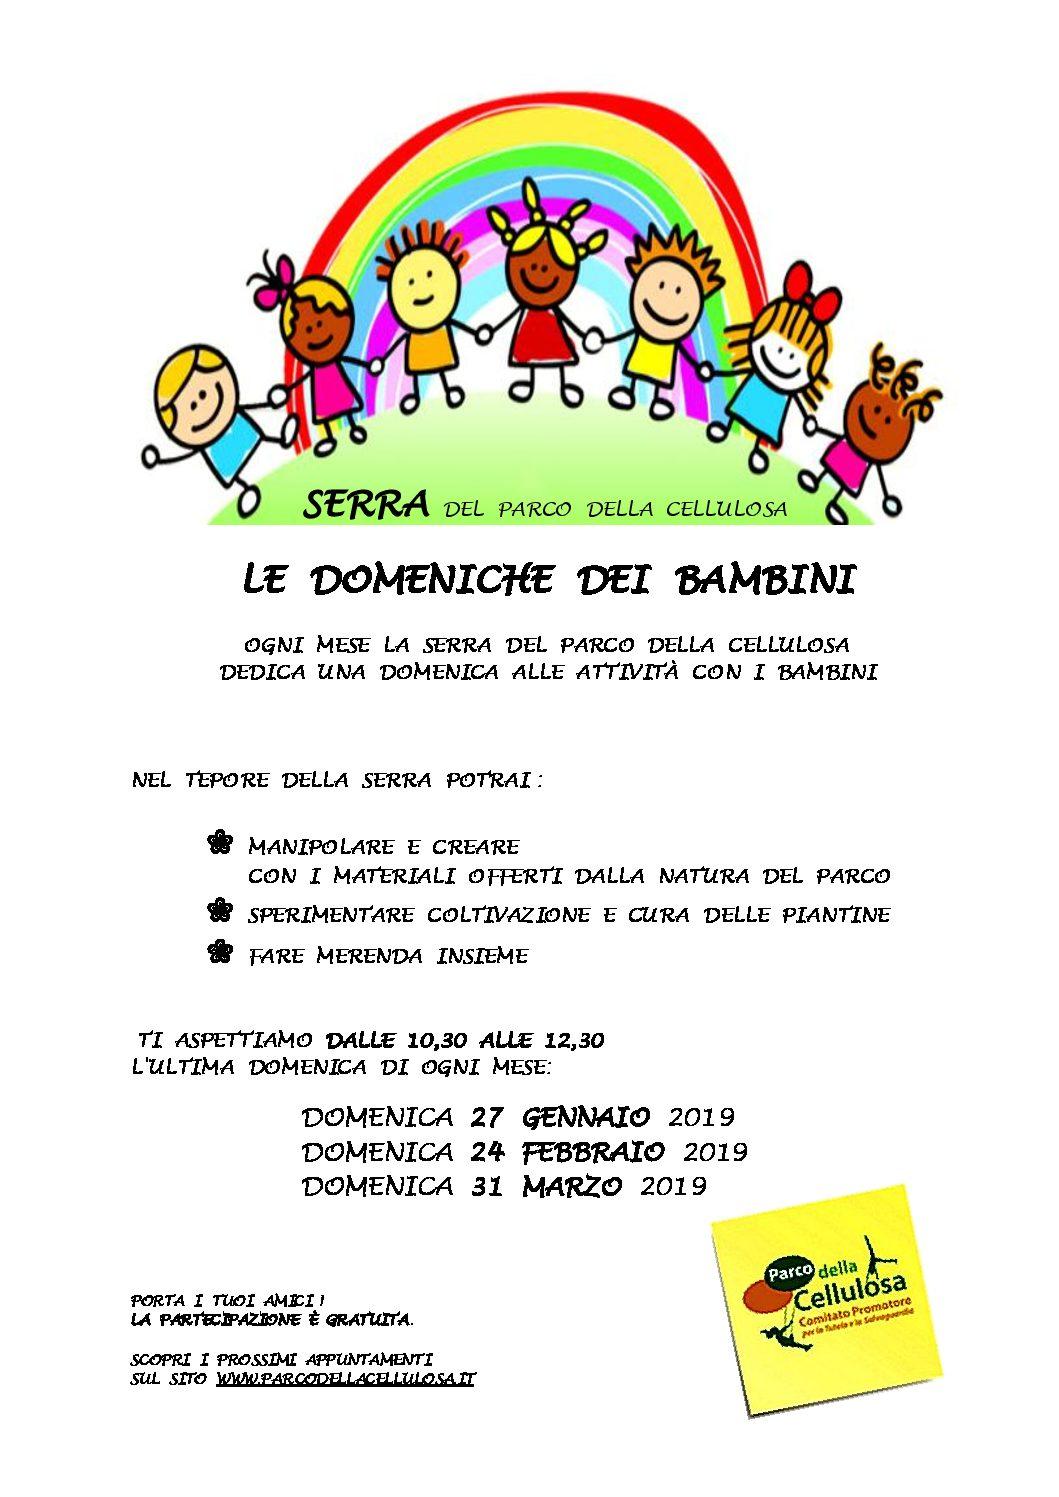 LE DOMENICHE DEI BAMBINI nella Serra del Parco: 31 Marzo